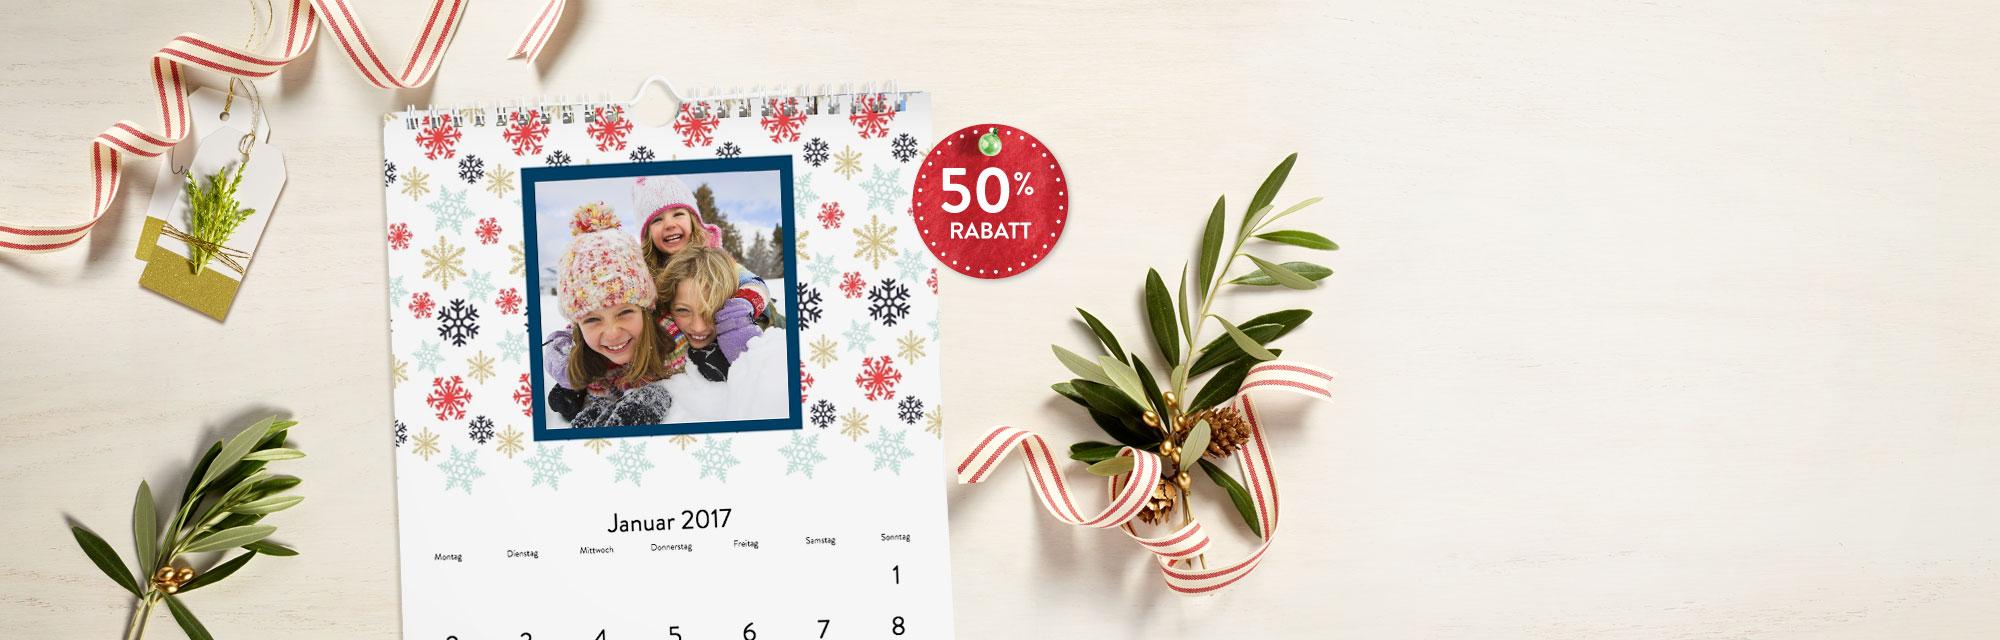 Fotokalender  : Individuelle Fotokalender - A4 Wandkalender zum halben Preis mit Gutscheincode: BEST116